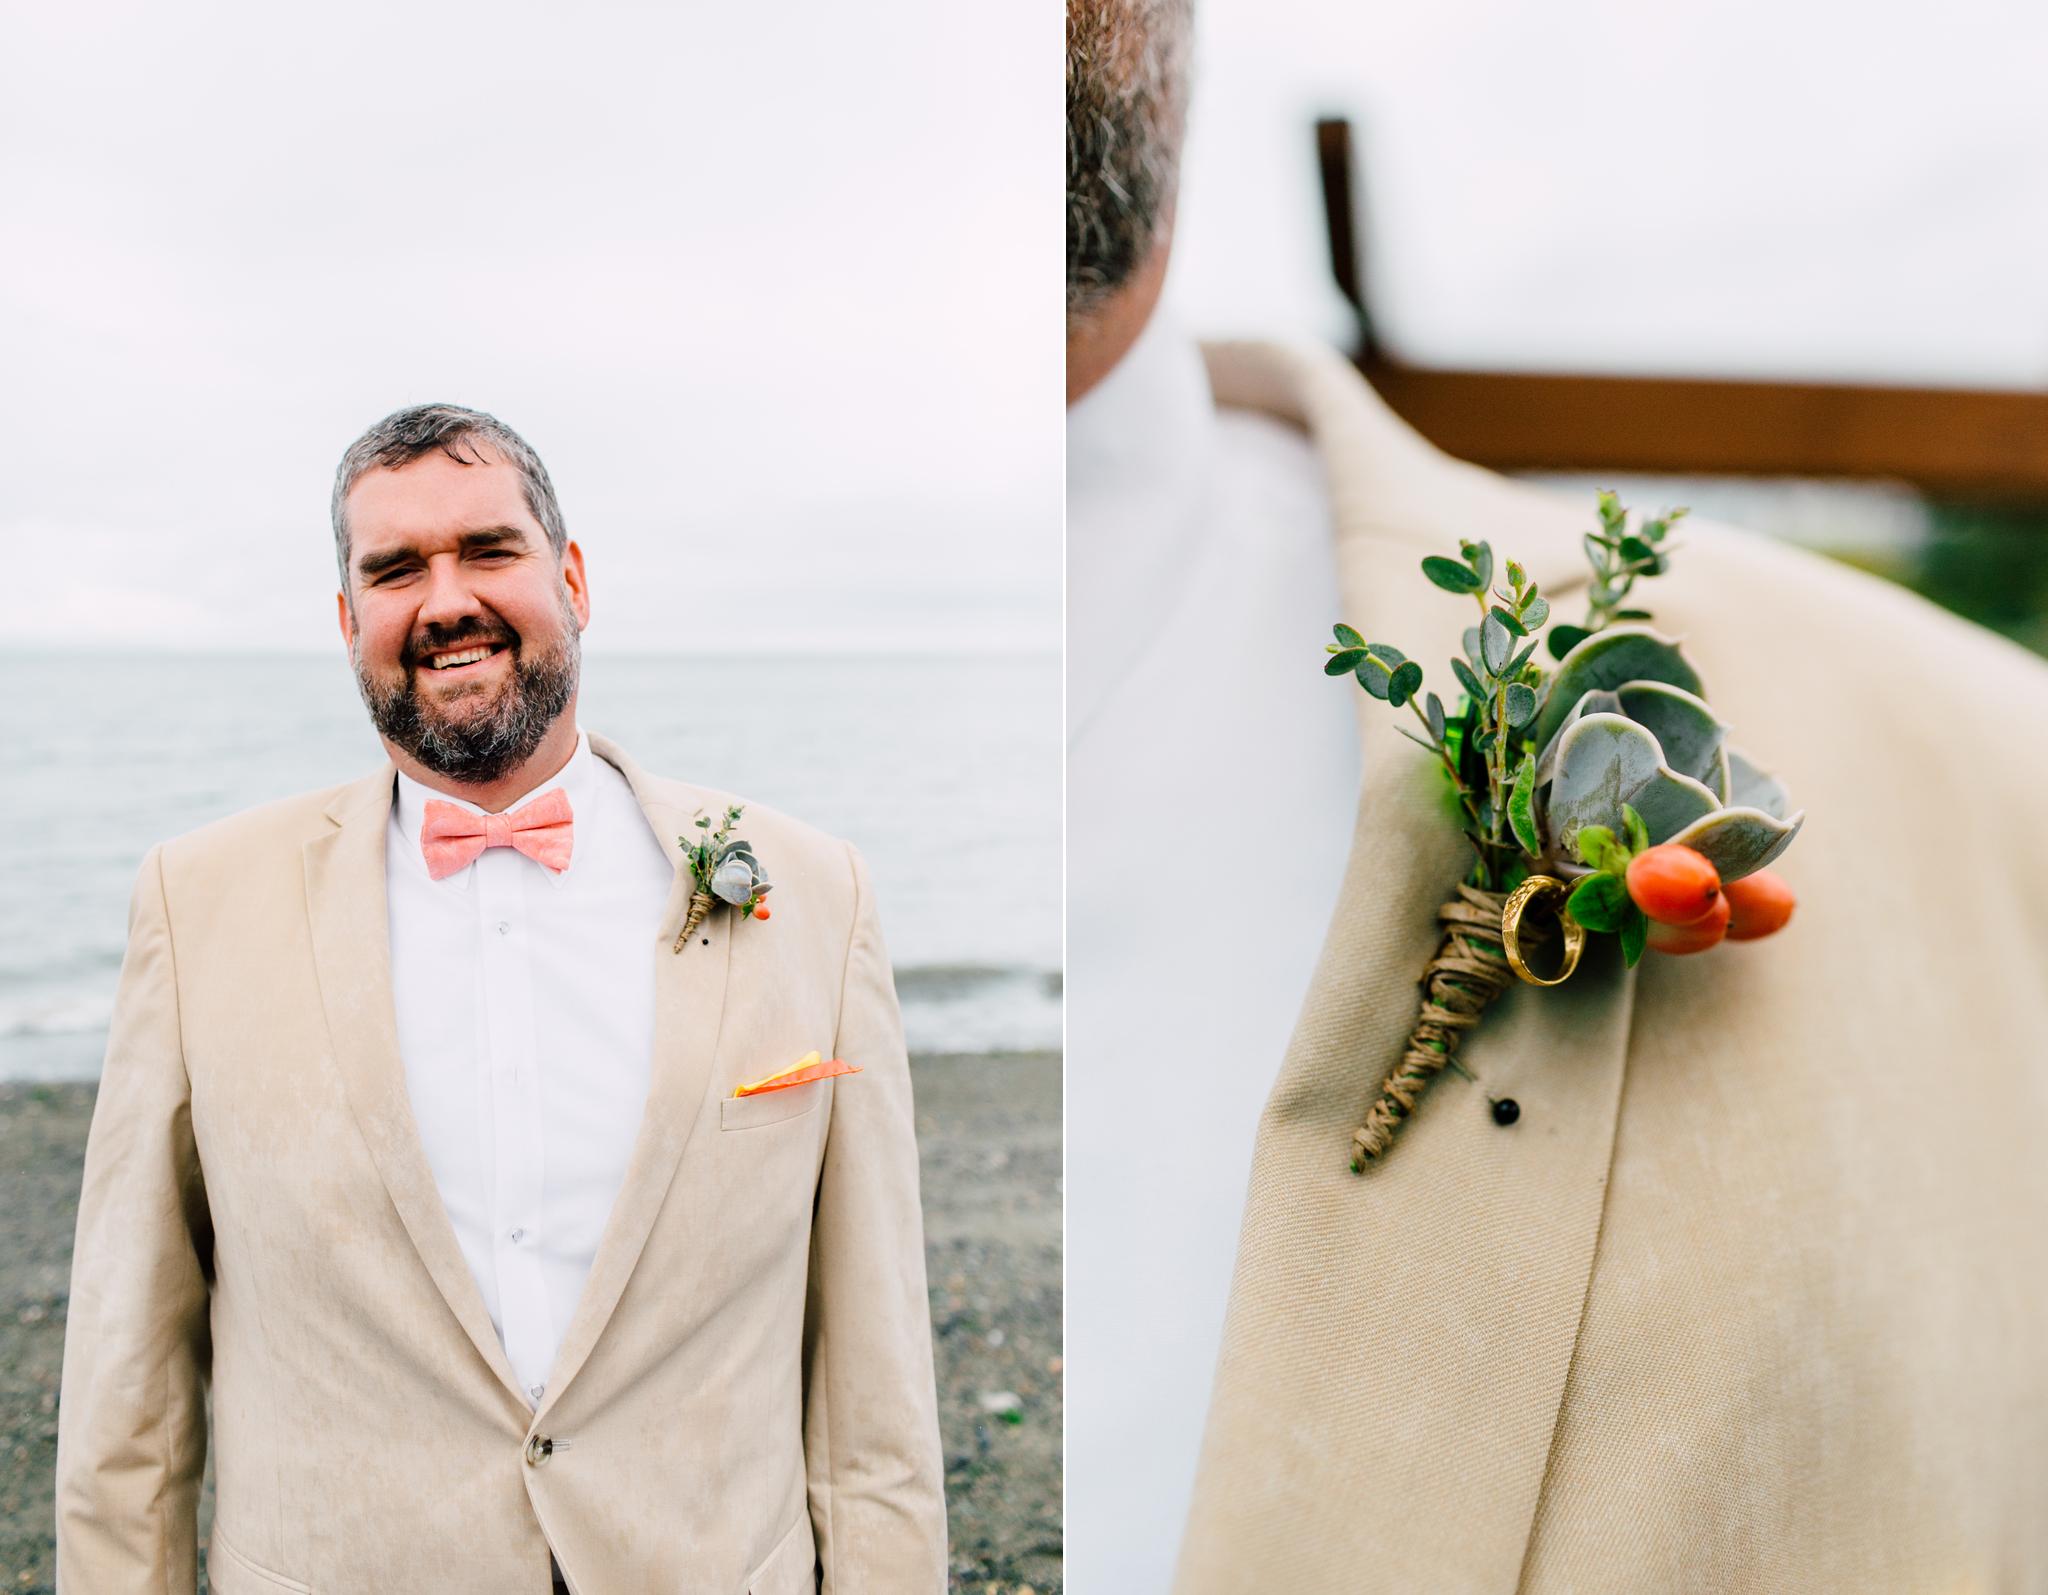 045-bellingham-wedding-photographer-beach-katheryn-moran-elisa-phillip.jpg